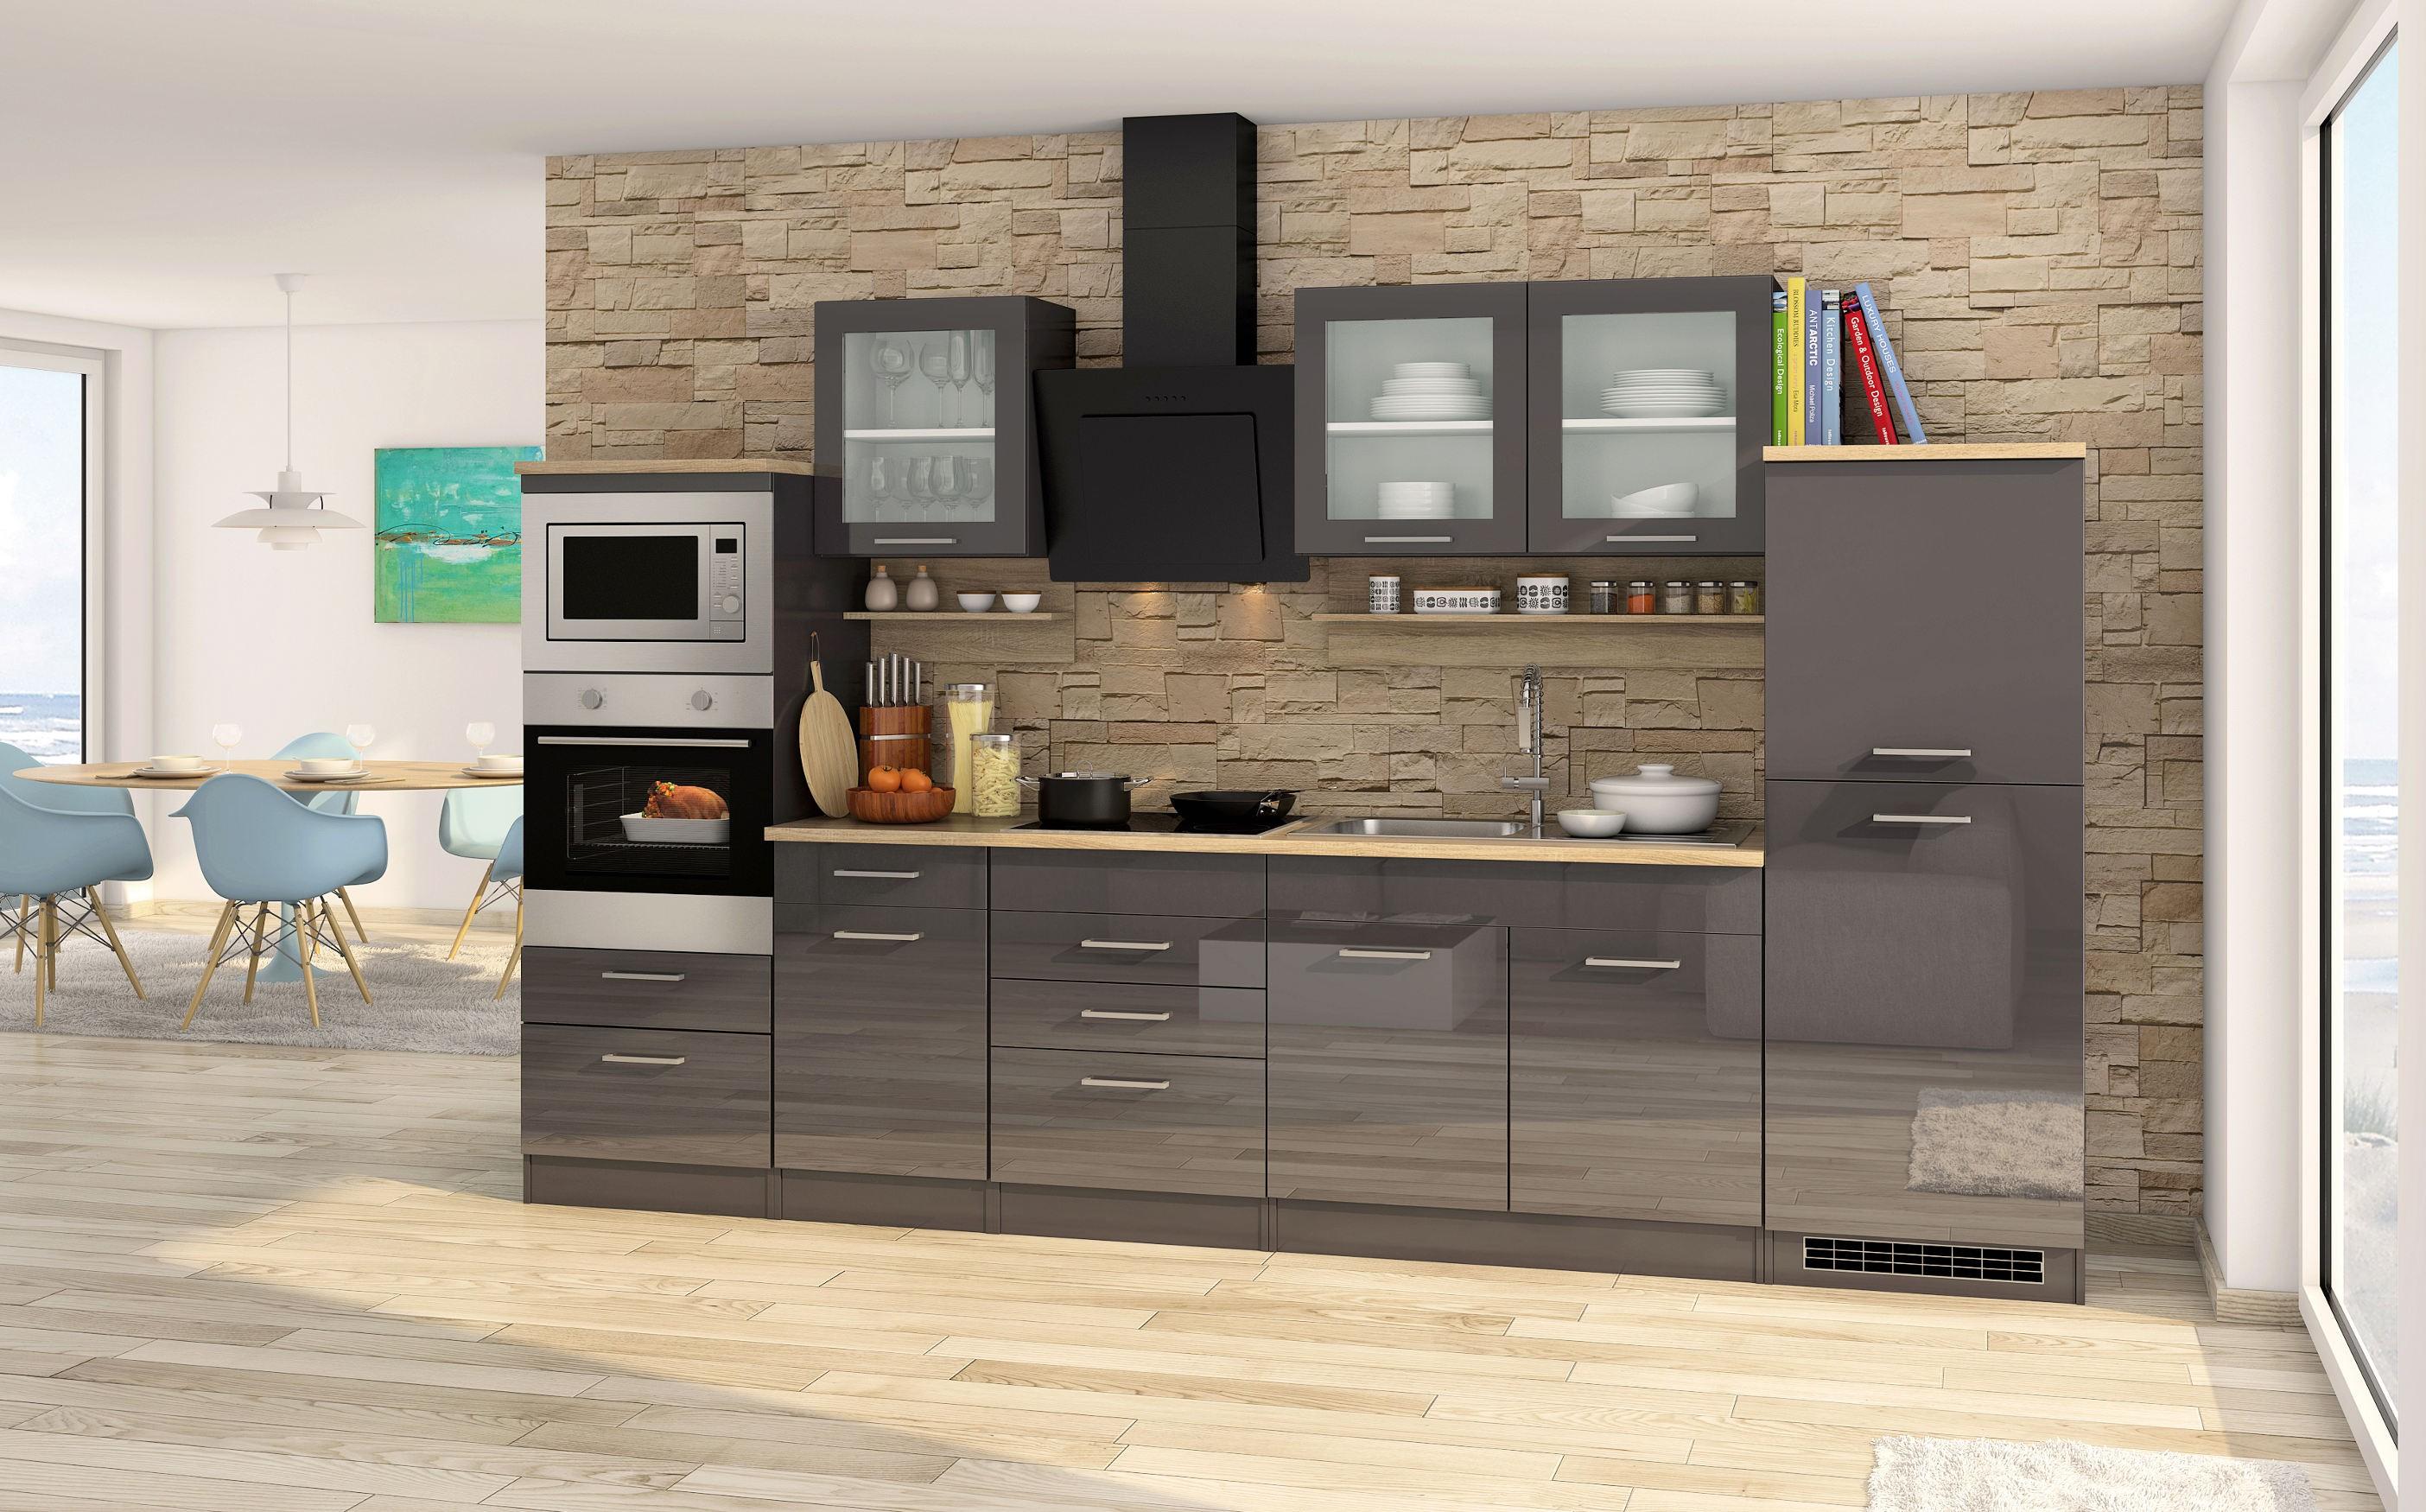 Küchenzeile MÜNCHEN   Vario 4   Küche Mit E Geräten   Breite 330 Cm